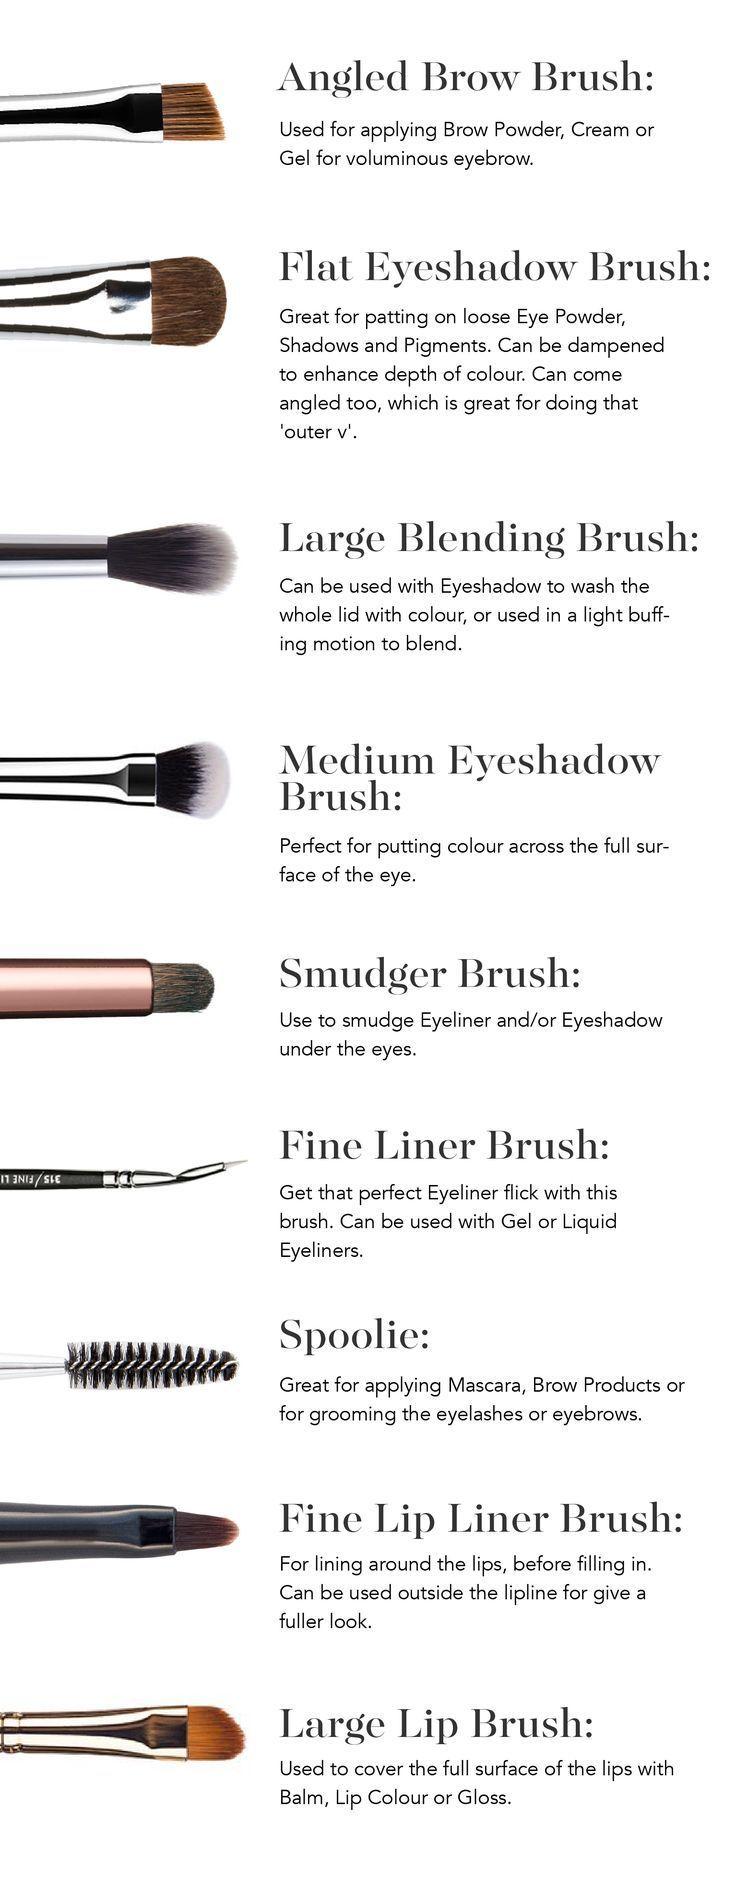 Haben Sie sich immer gefragt, wofür die verschiedenen Make-up-Pinsel gedacht sind? Hier herausfinden…